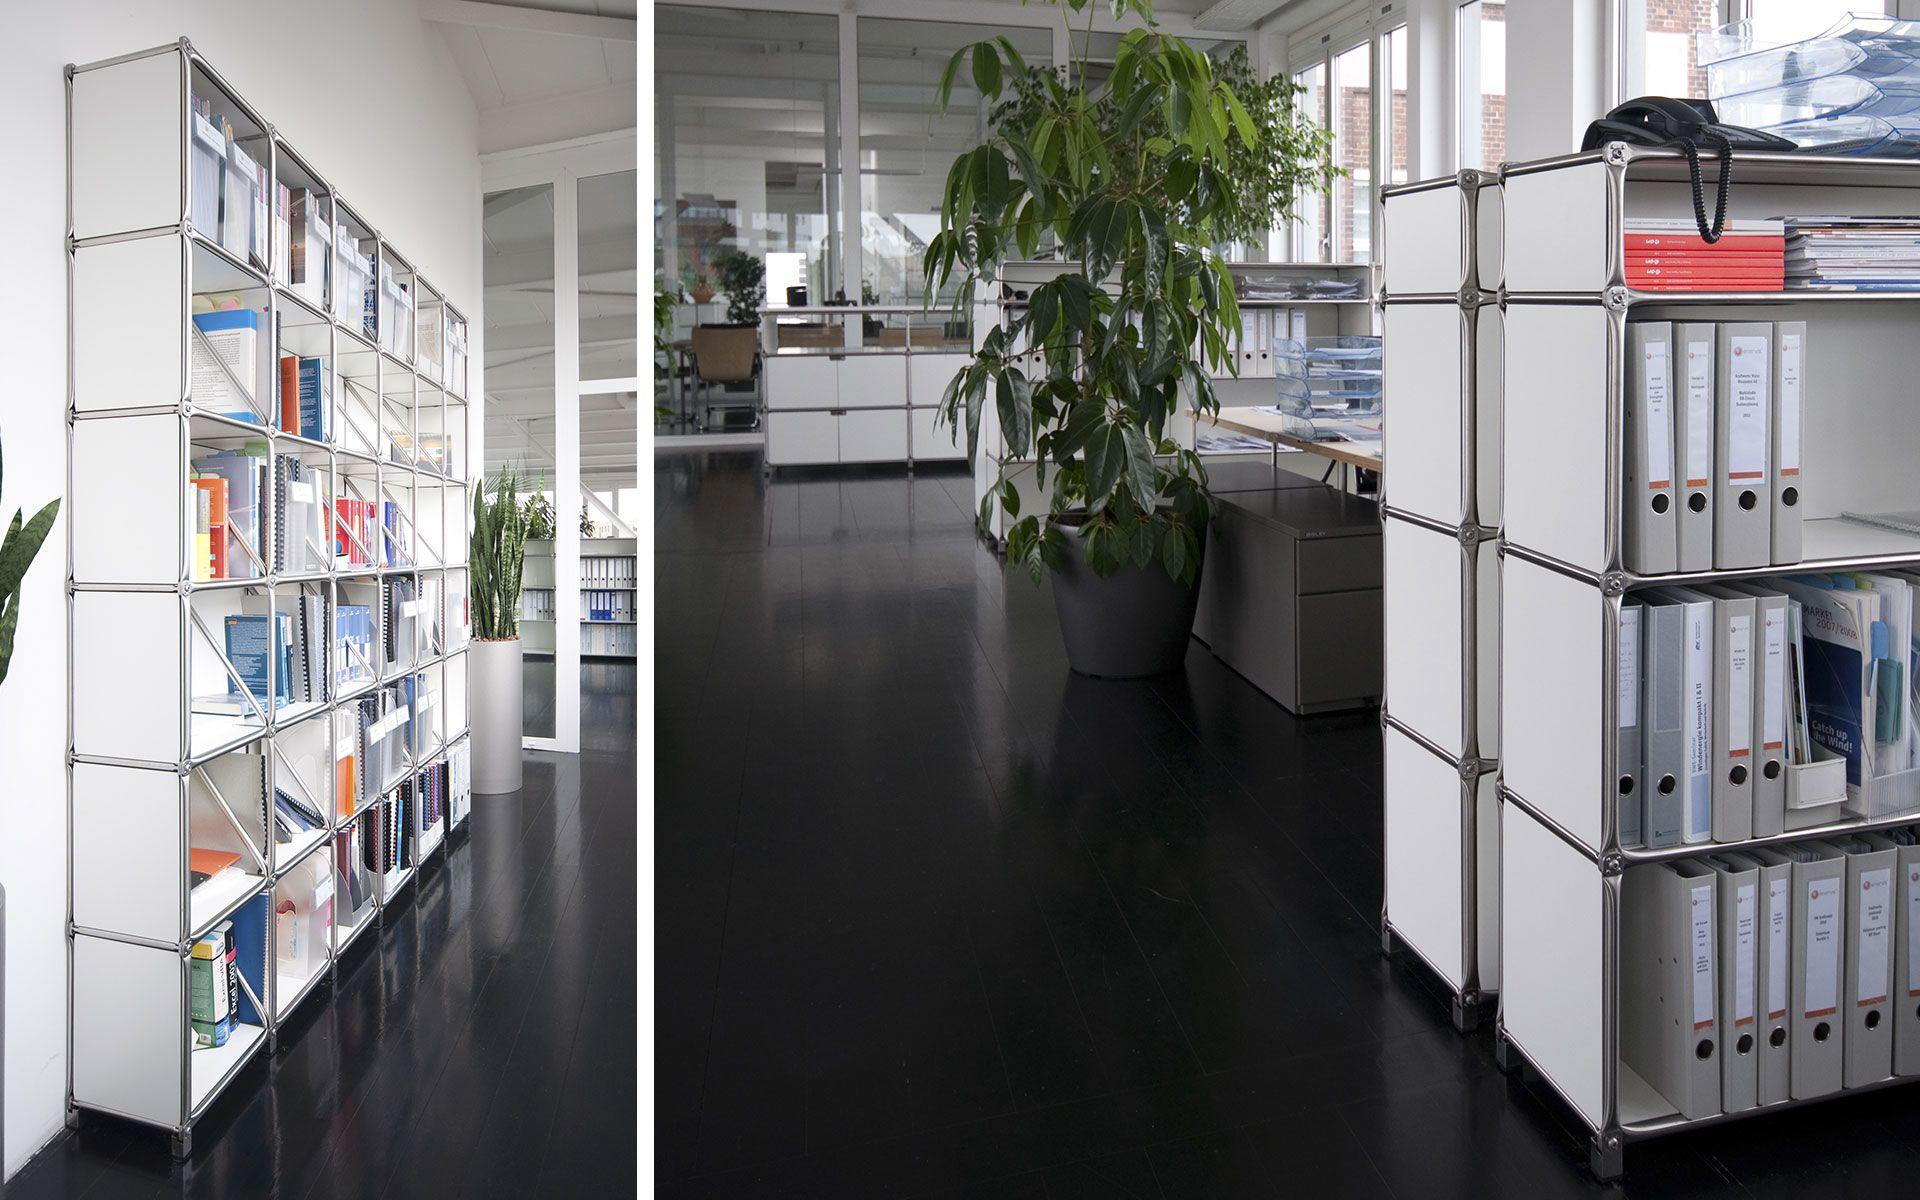 Modulare Möbel für das Büro: Mit System 180 werden Empfangstresen, Schreibtische und Regale mit einem Einrichtungssystem abgedeckt. | System 180